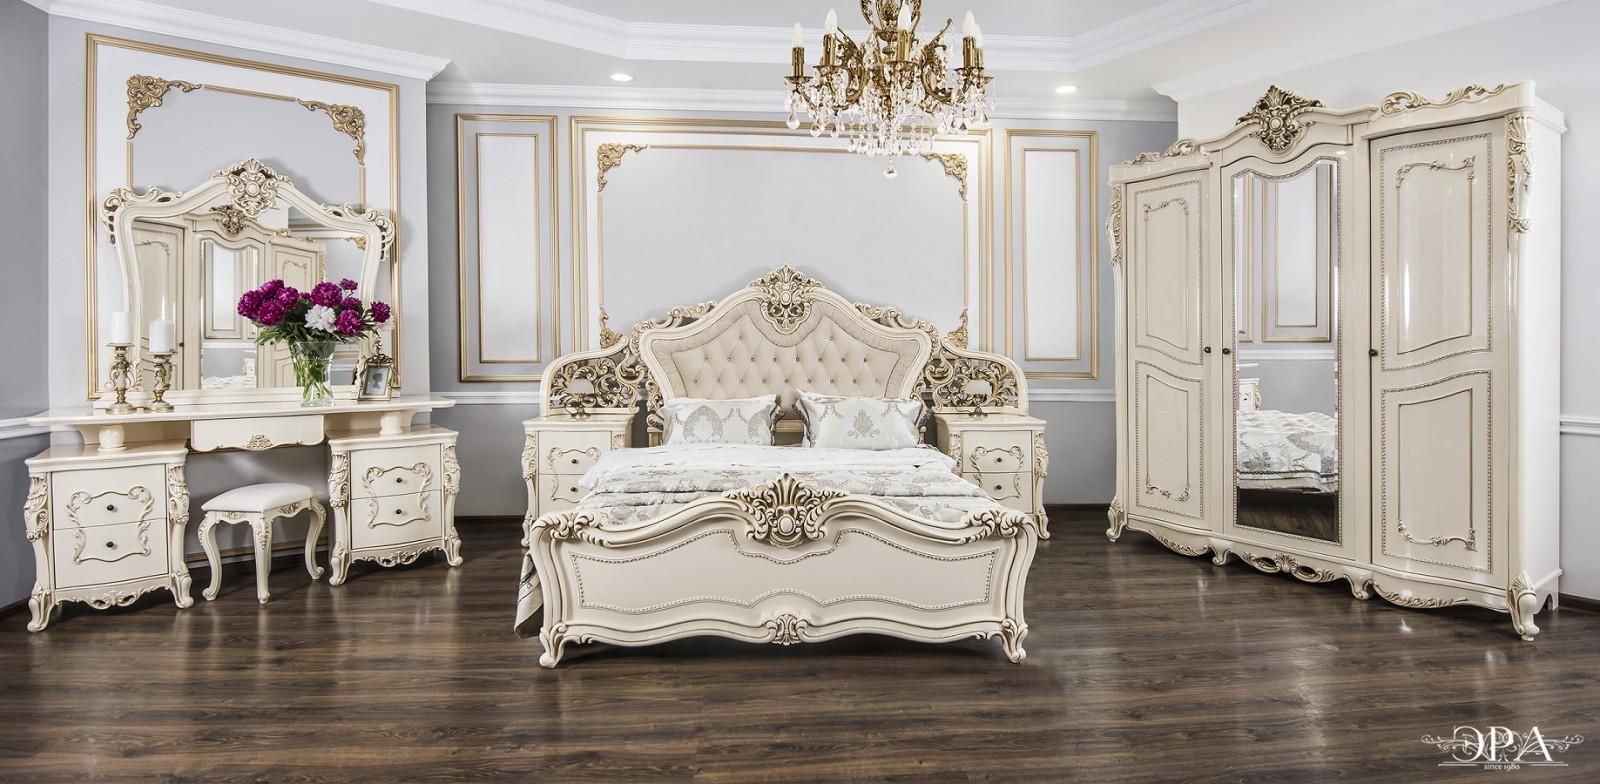 Спальный гарнитур Джоконда купить недорого в Санкт-Петербурге в магазине «Мебельная Долина»